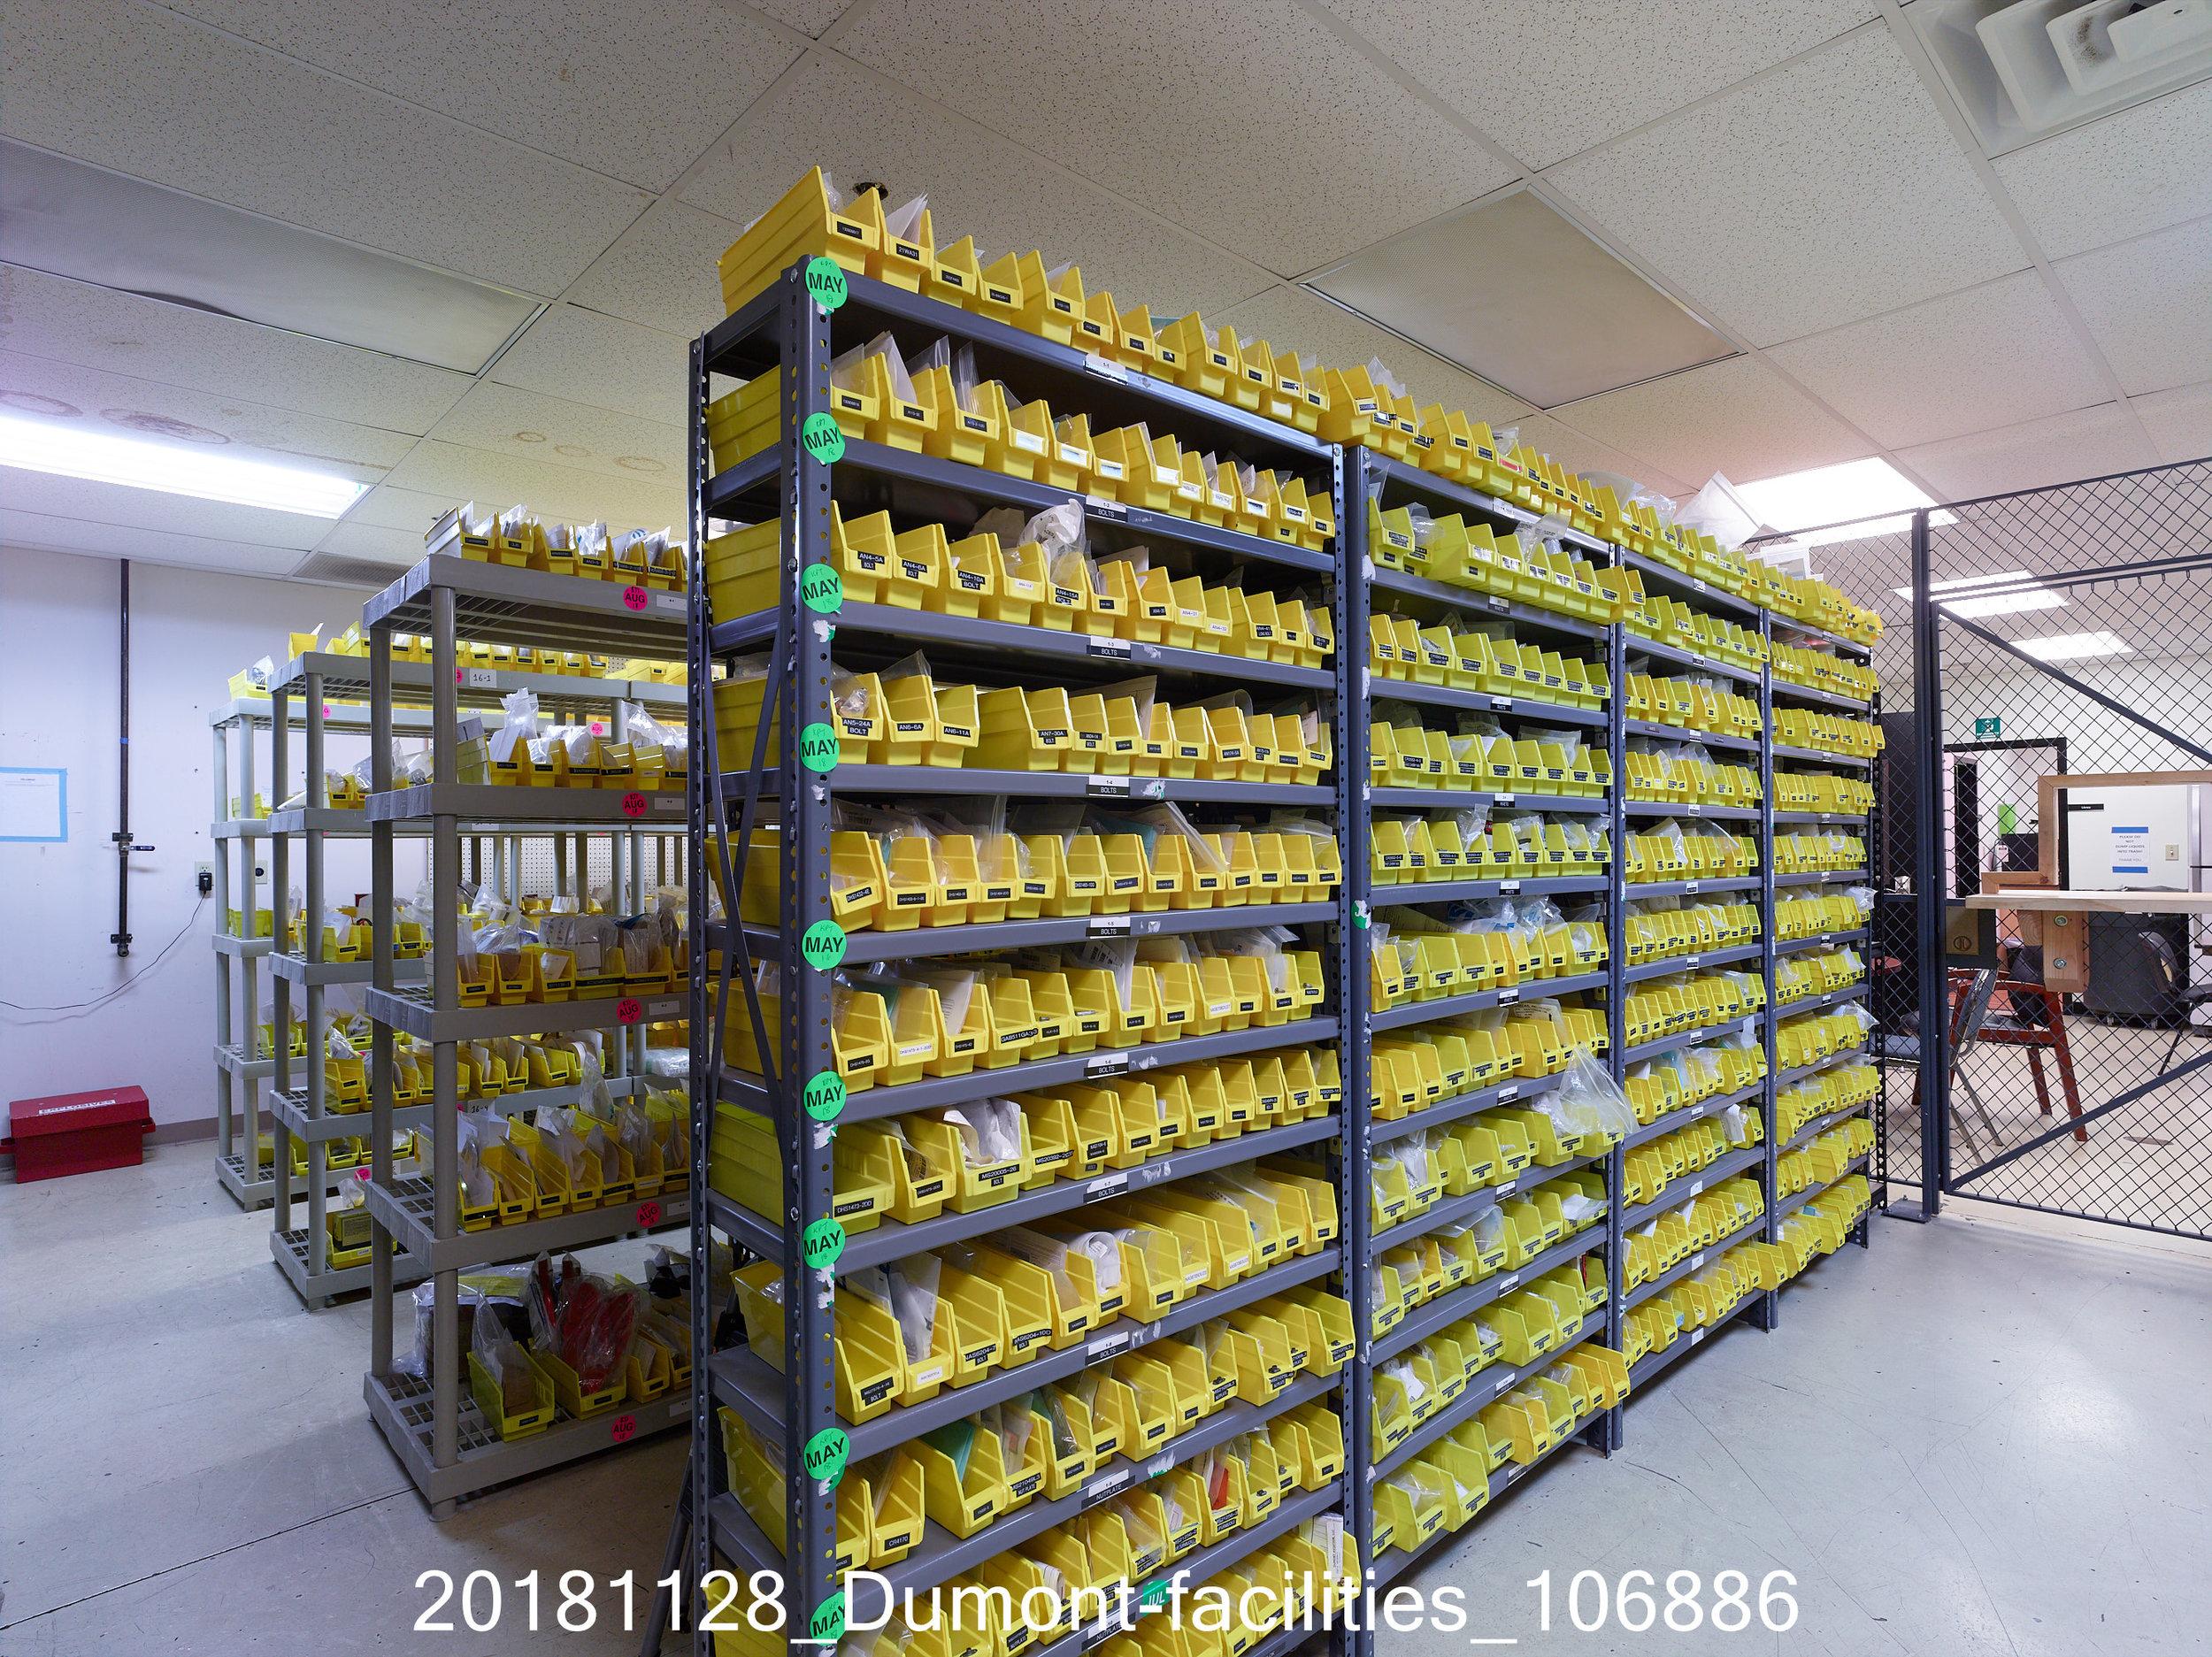 20181128_Dumont-facilities_106886.jpg